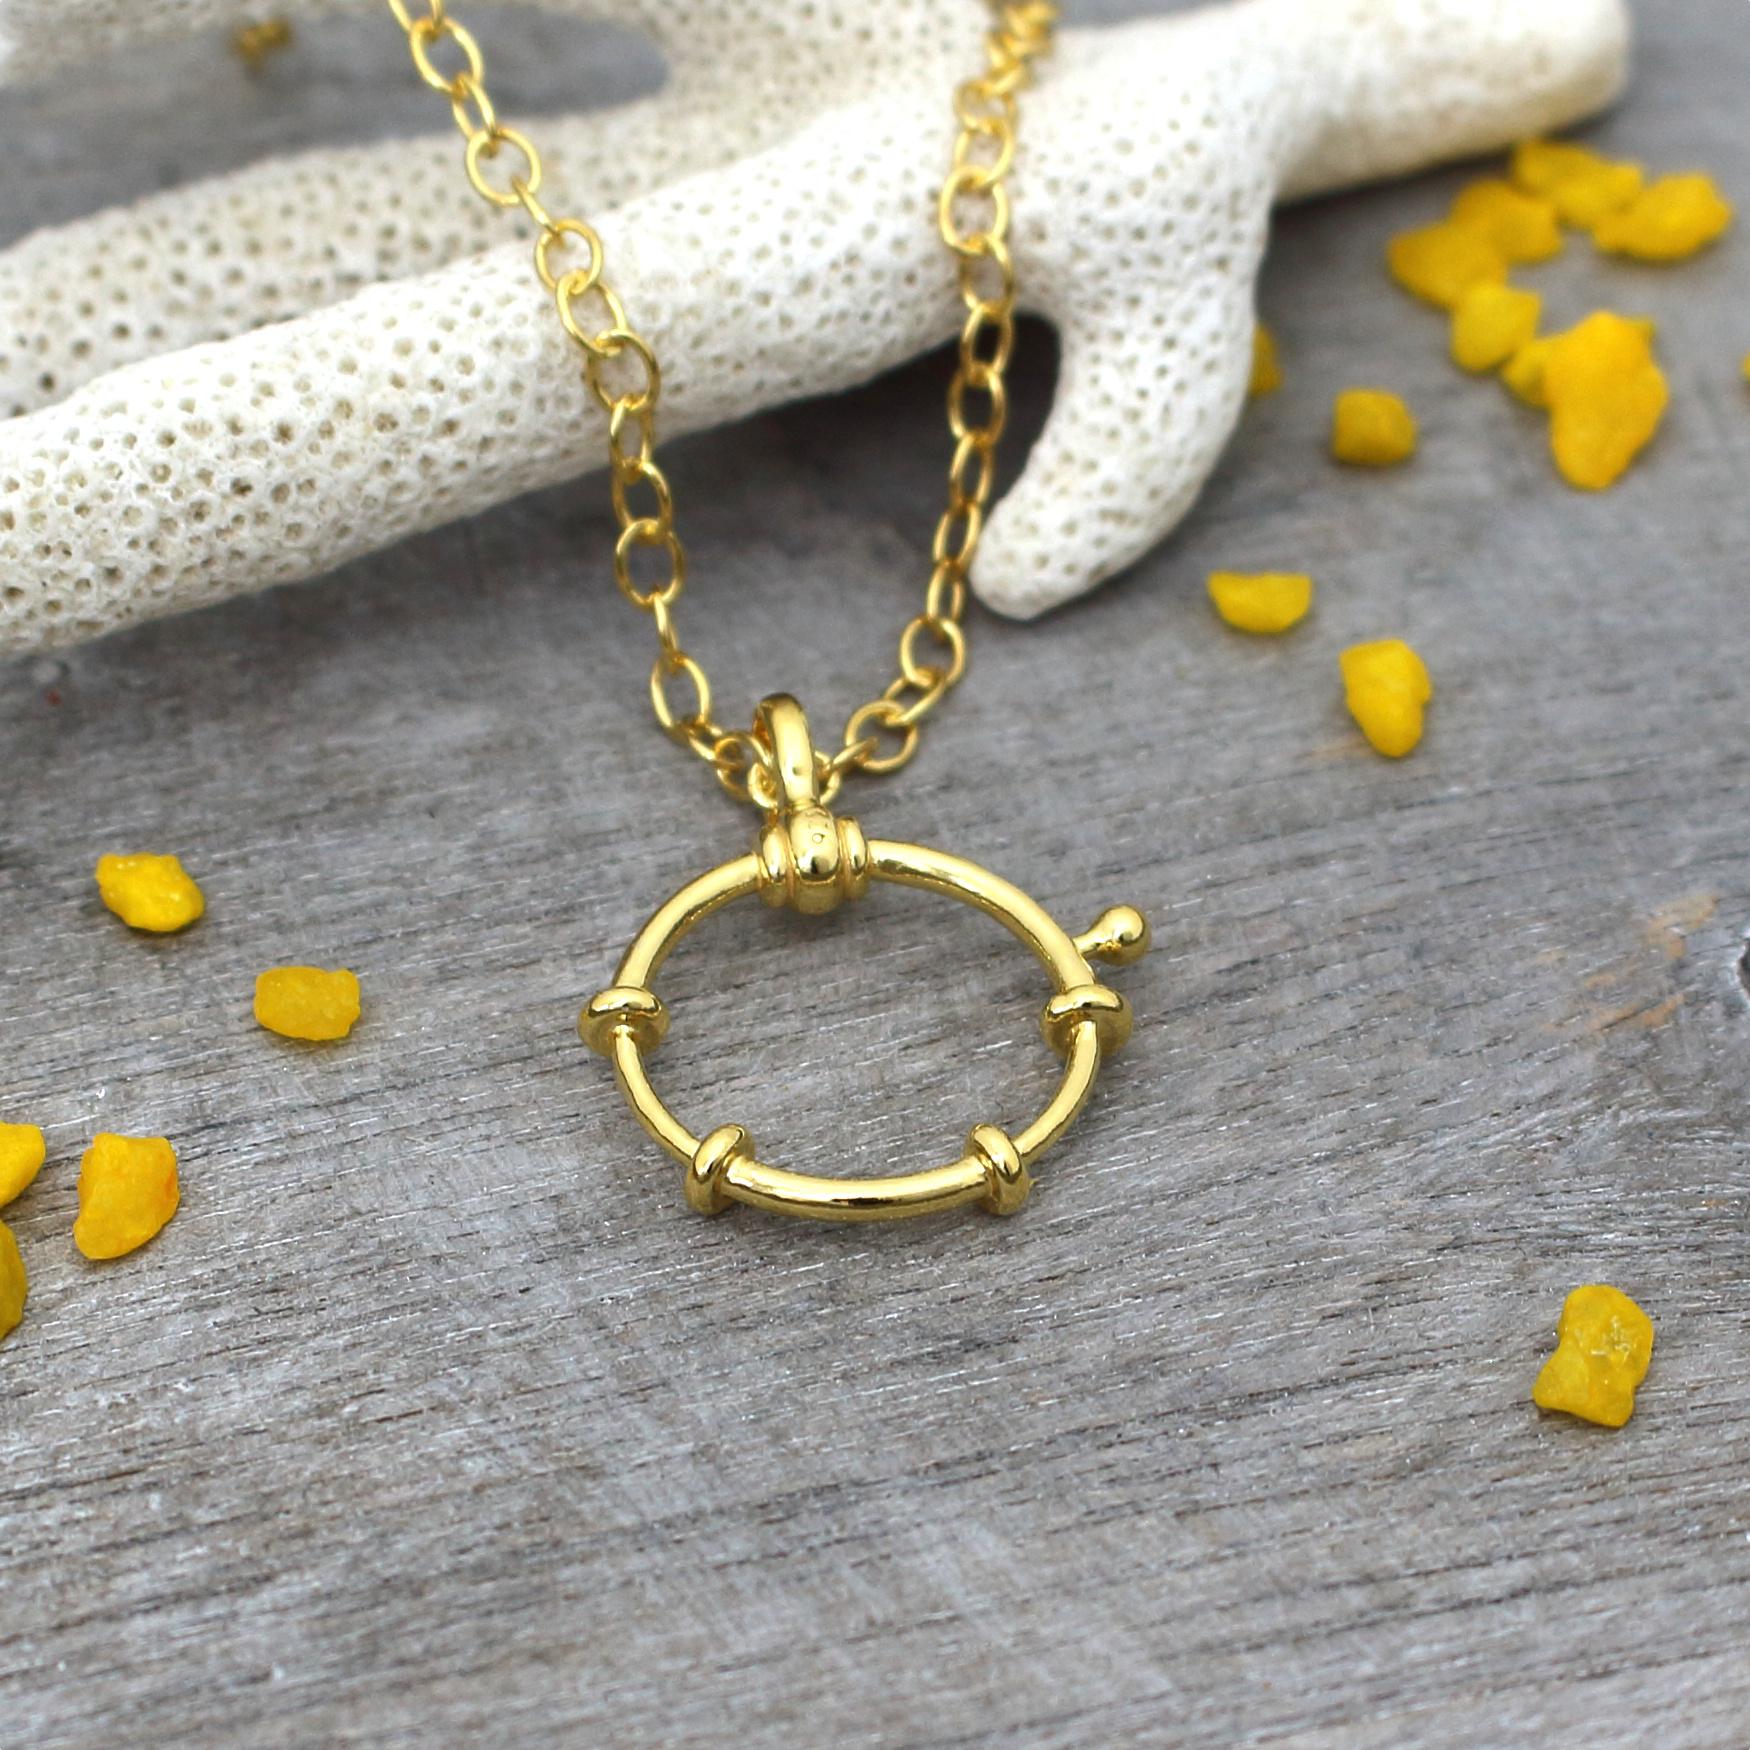 ARLIZI Schmuck Halskette Ruder Anhänger Sterling Silber vergoldet